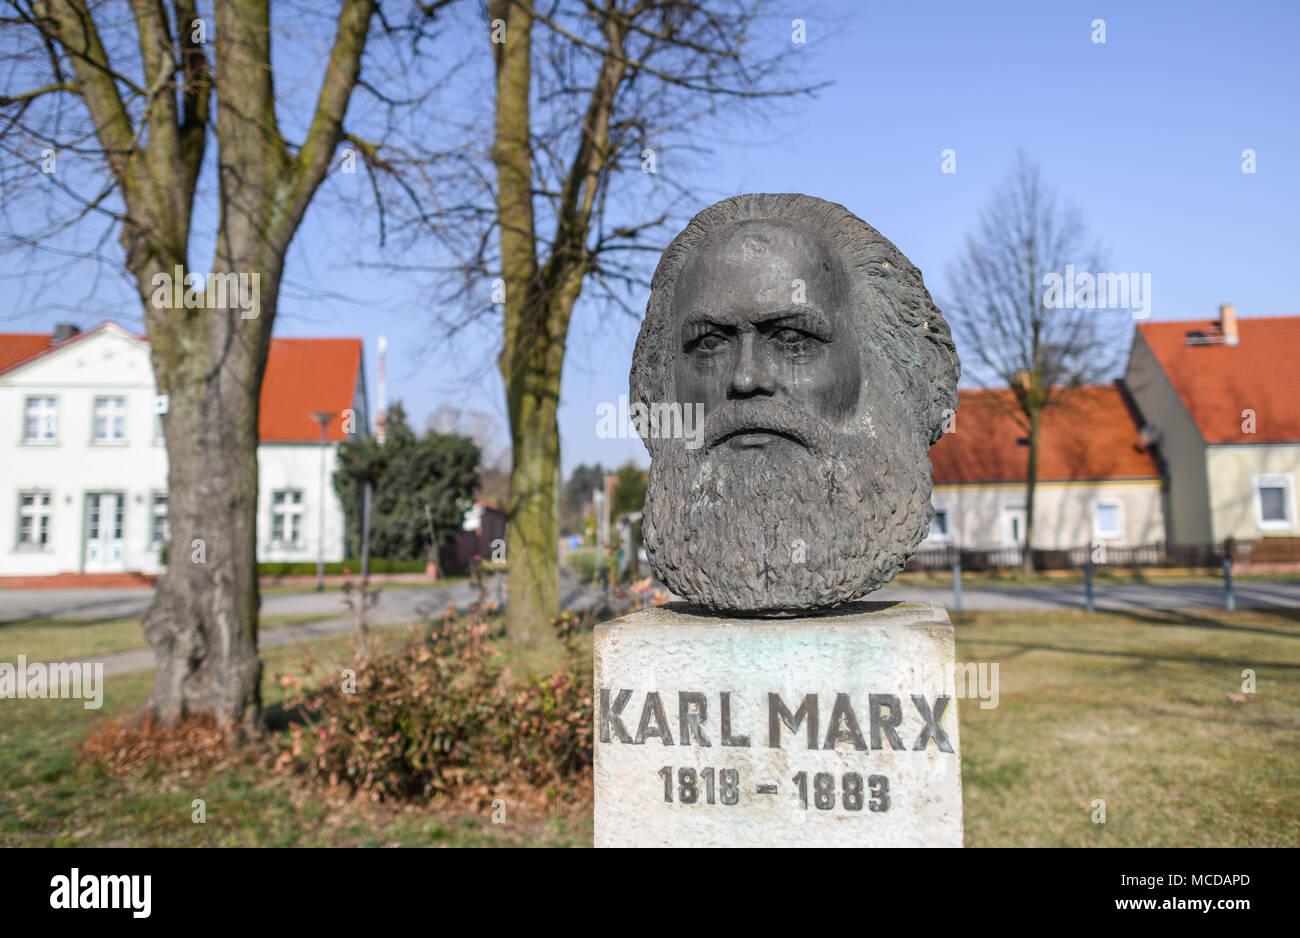 10 de abril de 2018, Alemania, Neuhardenberg: un busto del filósofo alemán, economista y teórico social Karl Marx (Mayo 05 de 1818 - 14 de marzo de 1883) está en pantalla. La ciudad de Neuhardenberg era previoulsy conocido como Marxwalde nombrado después de Karl Marx durante la época de la RDA. Foto: Patrick Pleul/dpa-Zentralbild/dpa Foto de stock